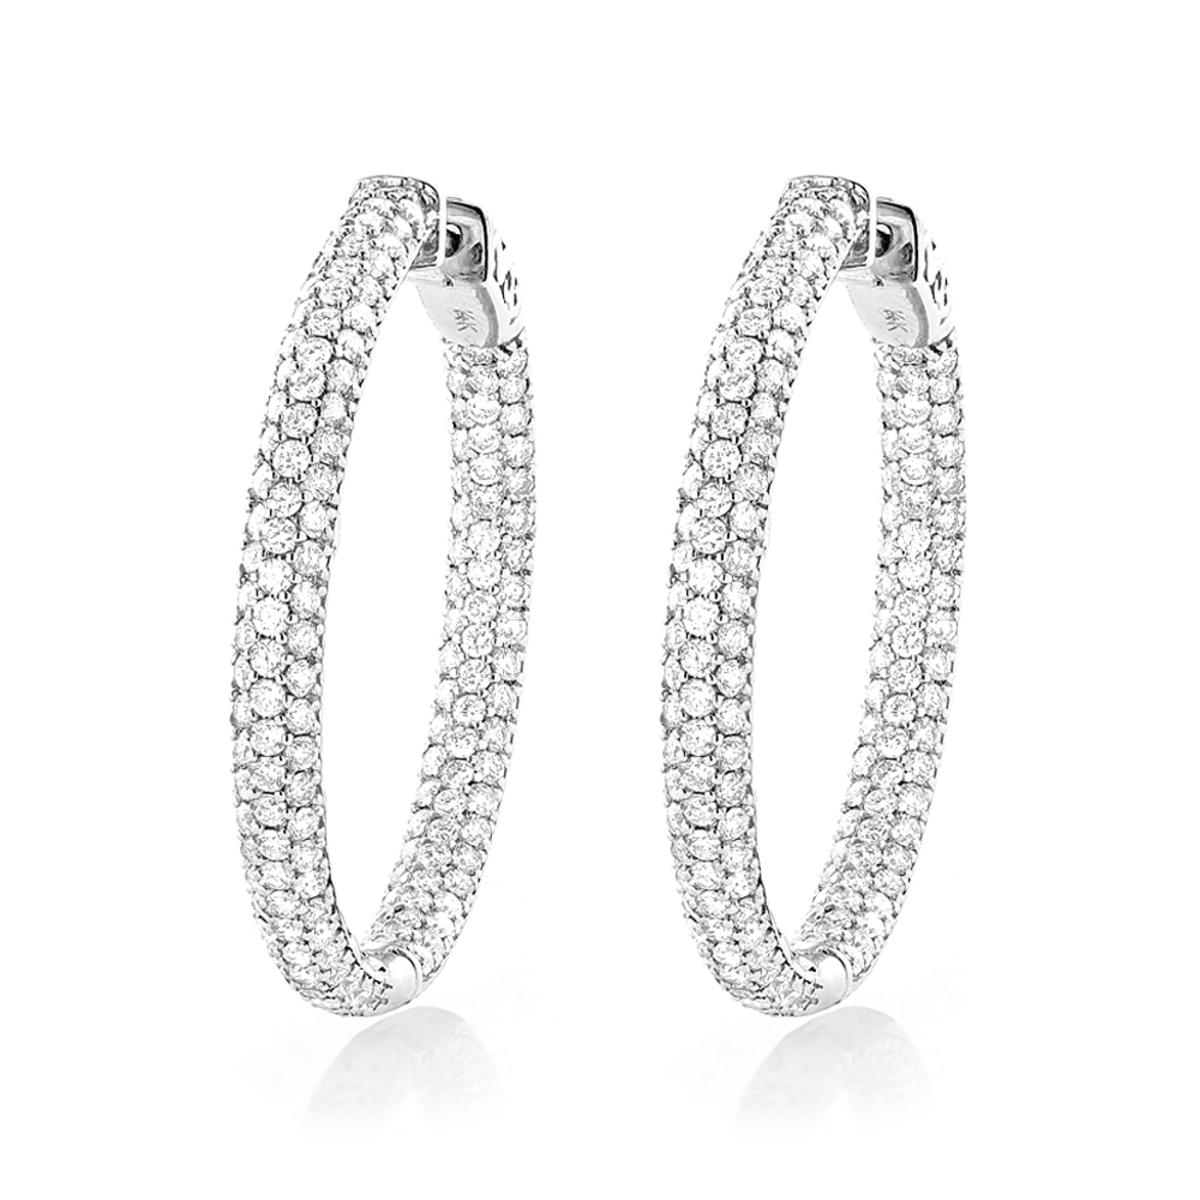 14K Gold Ladies Inside Out Diamond Hoop Earrings 5ct 1.5in